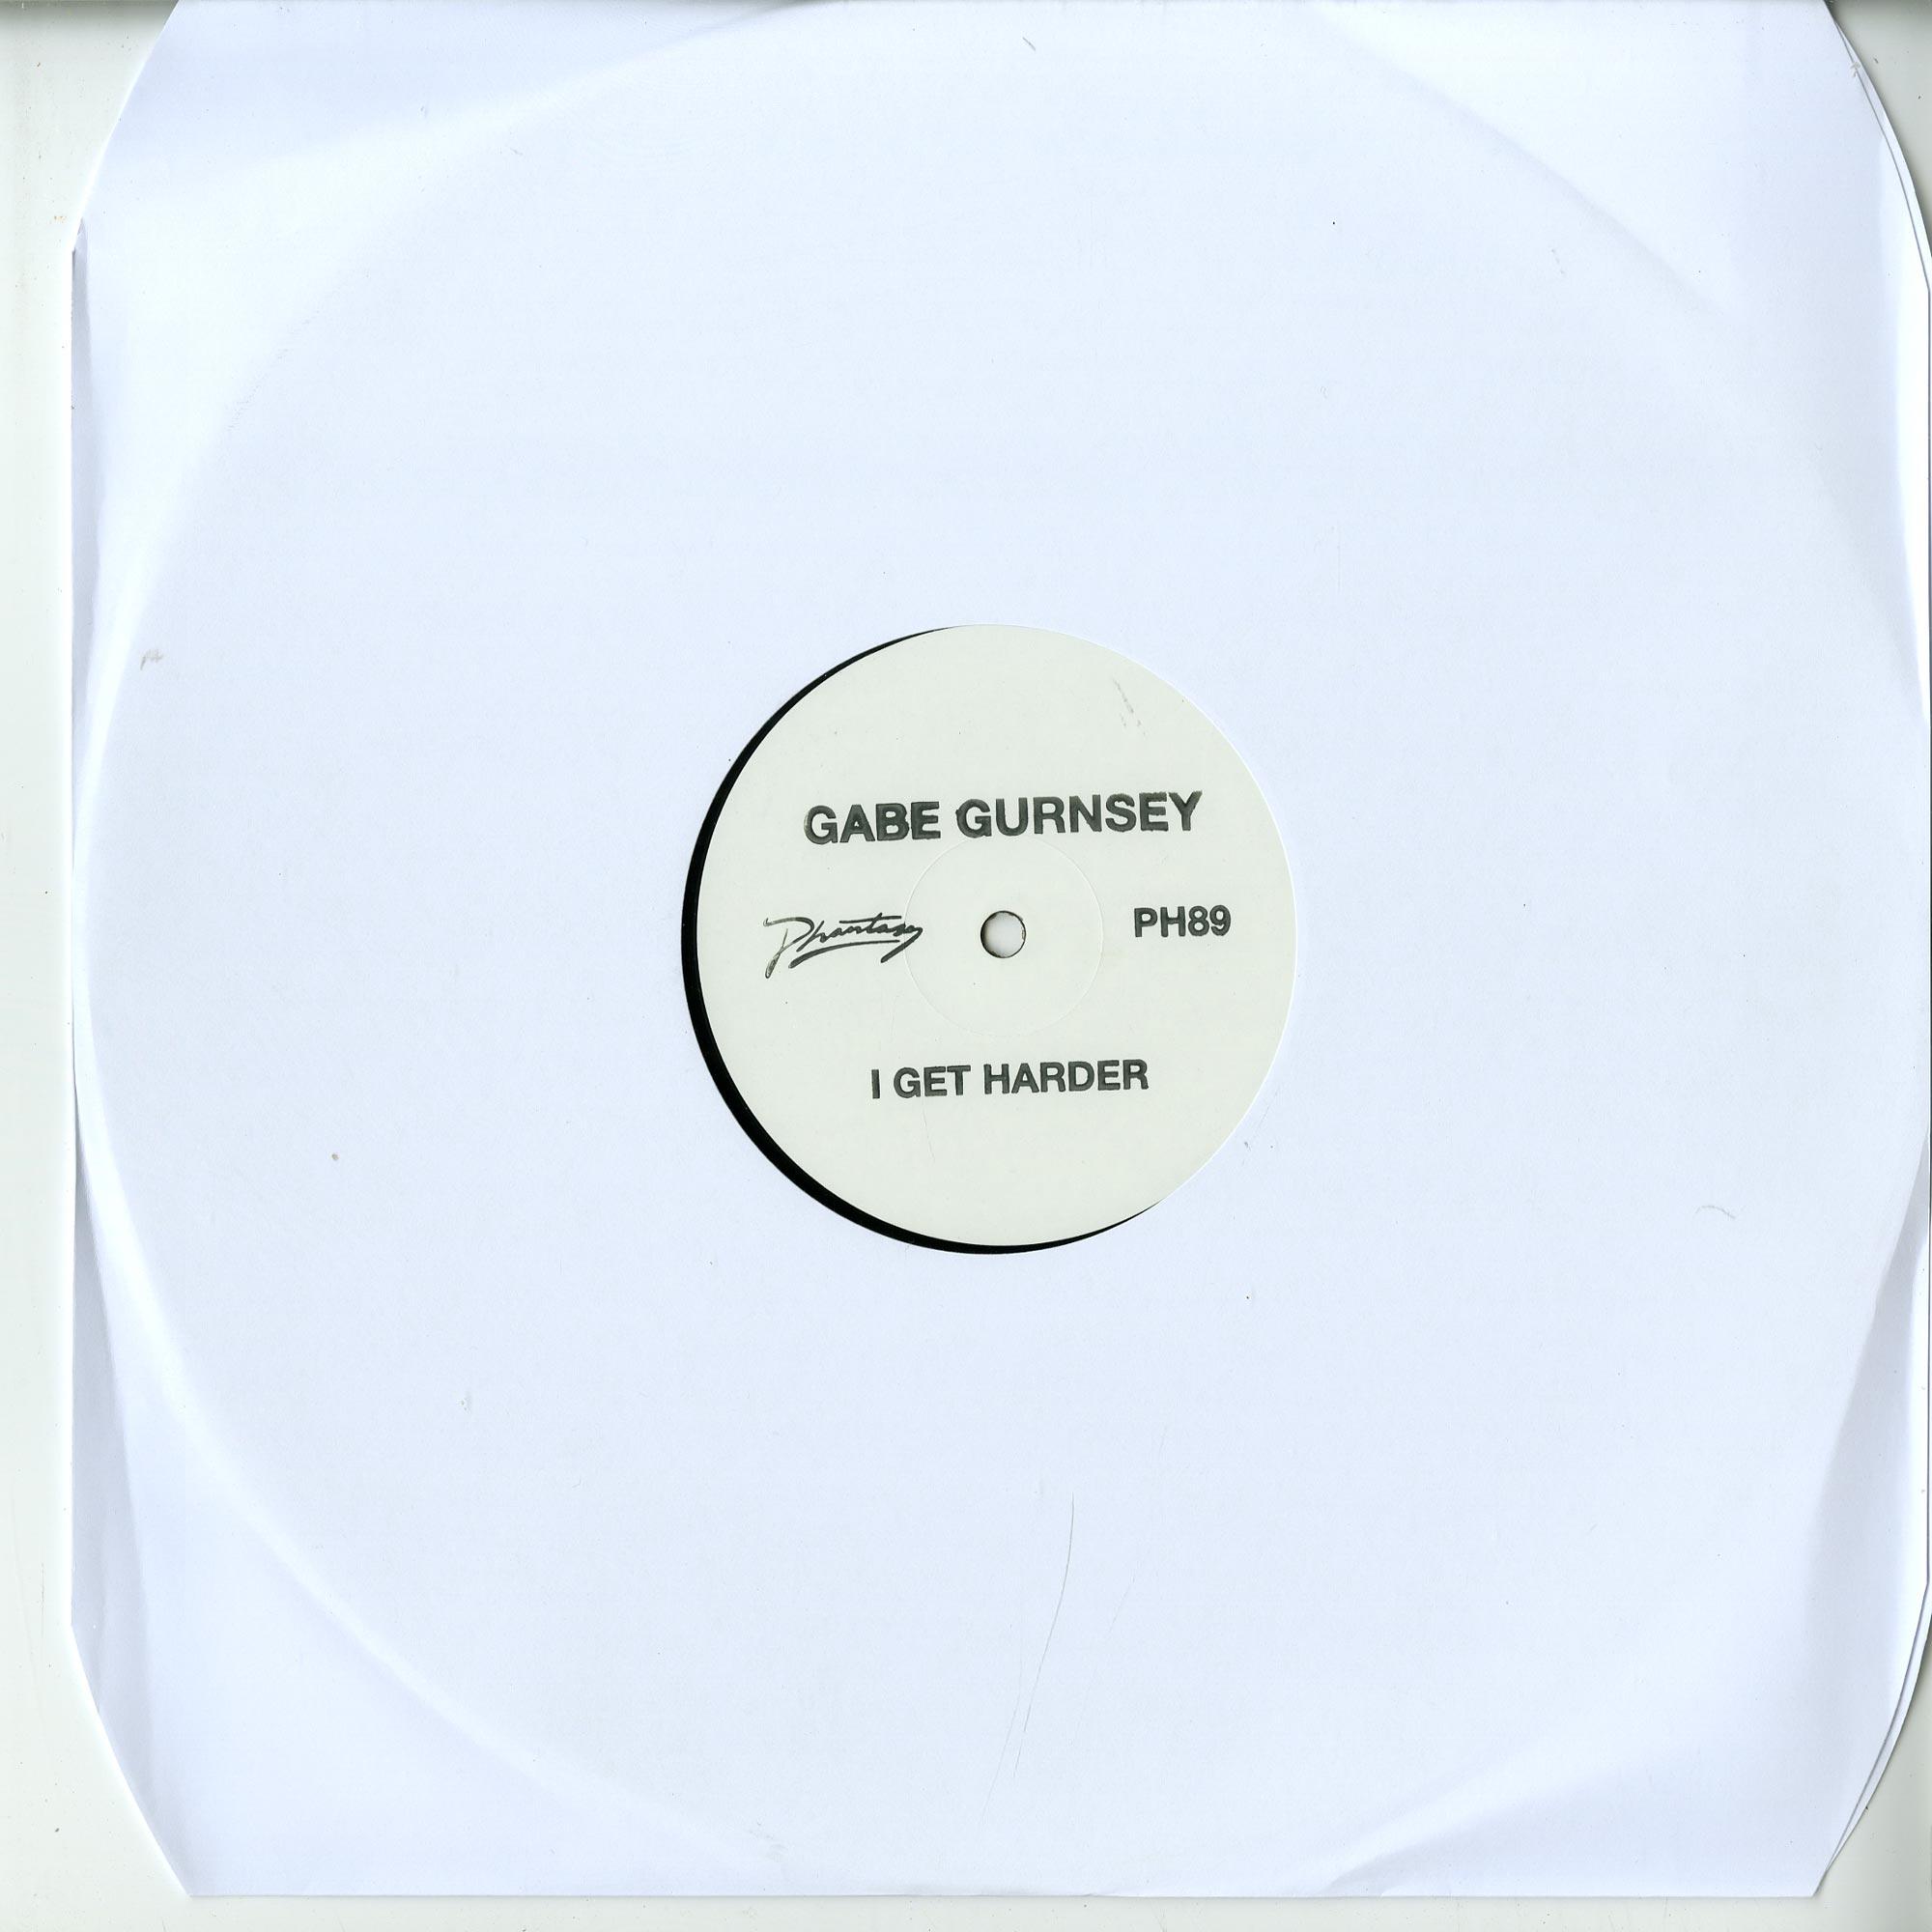 Gabe Gurnsey - I GET HARDER